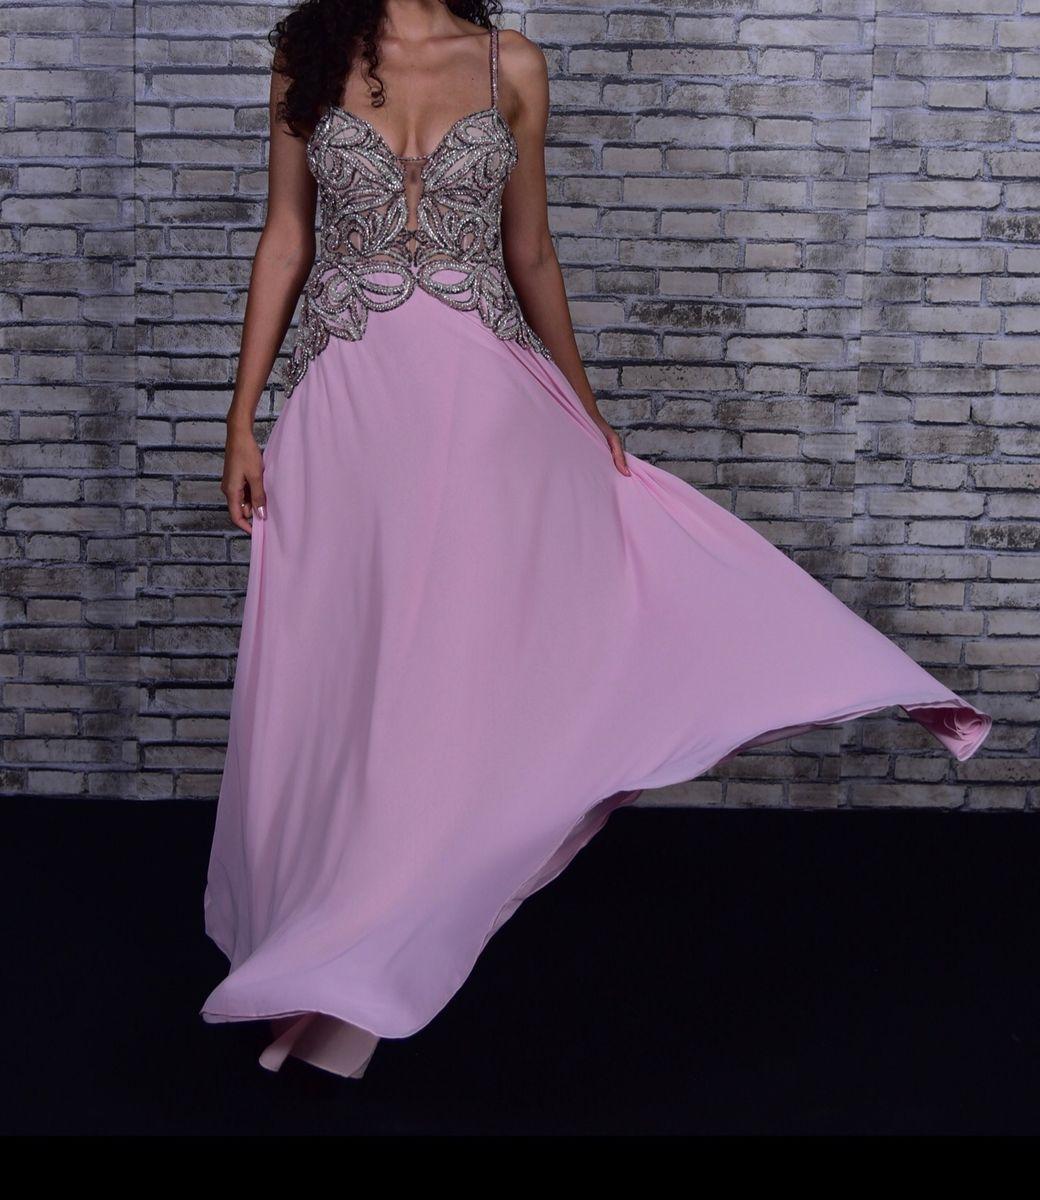 vestido de festa thays temponi rosa seda bordado - vestidos de festa thays-temponi